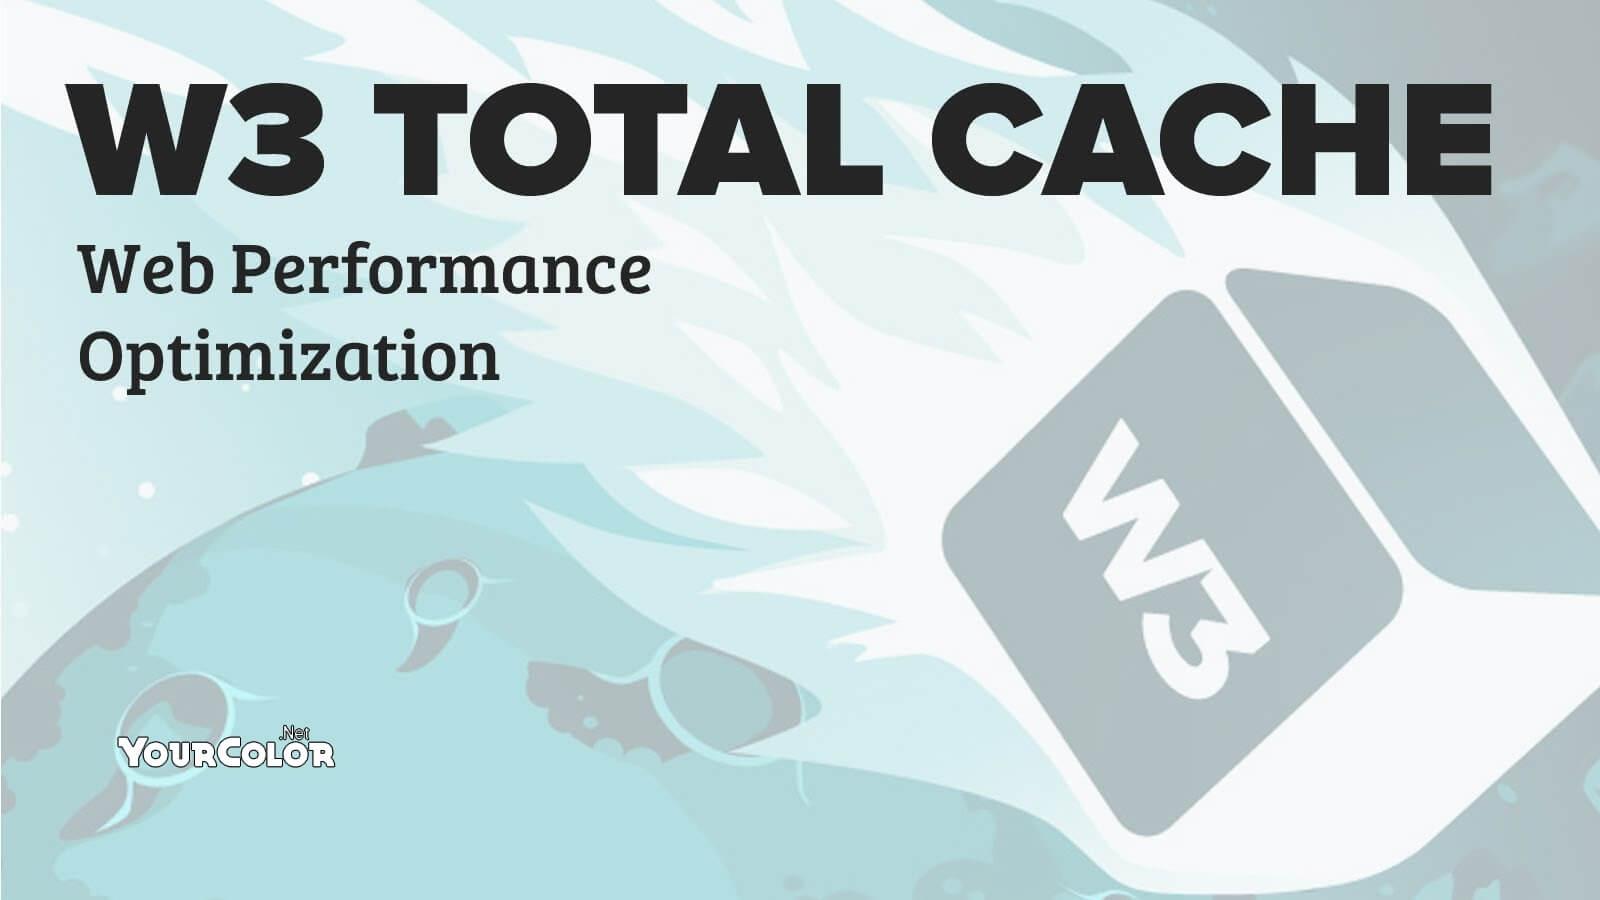 طريقة عمل وضبط إعدادات إضافة W3 Total Cache